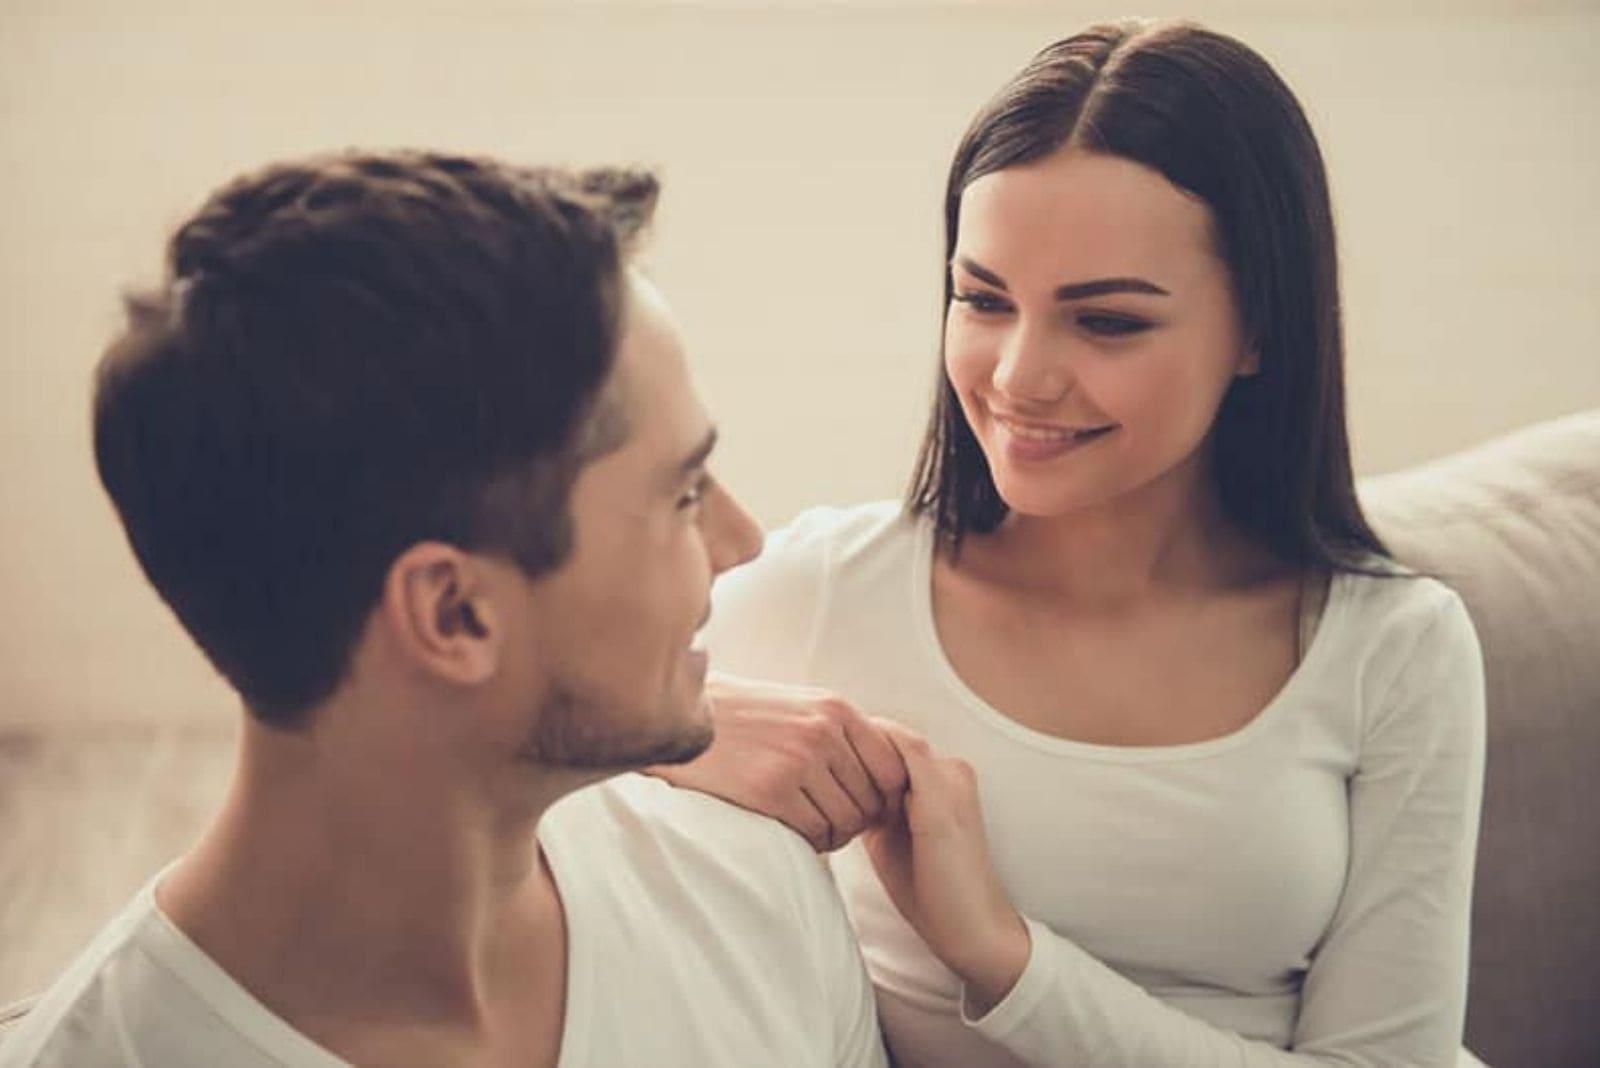 cute woman looking at man